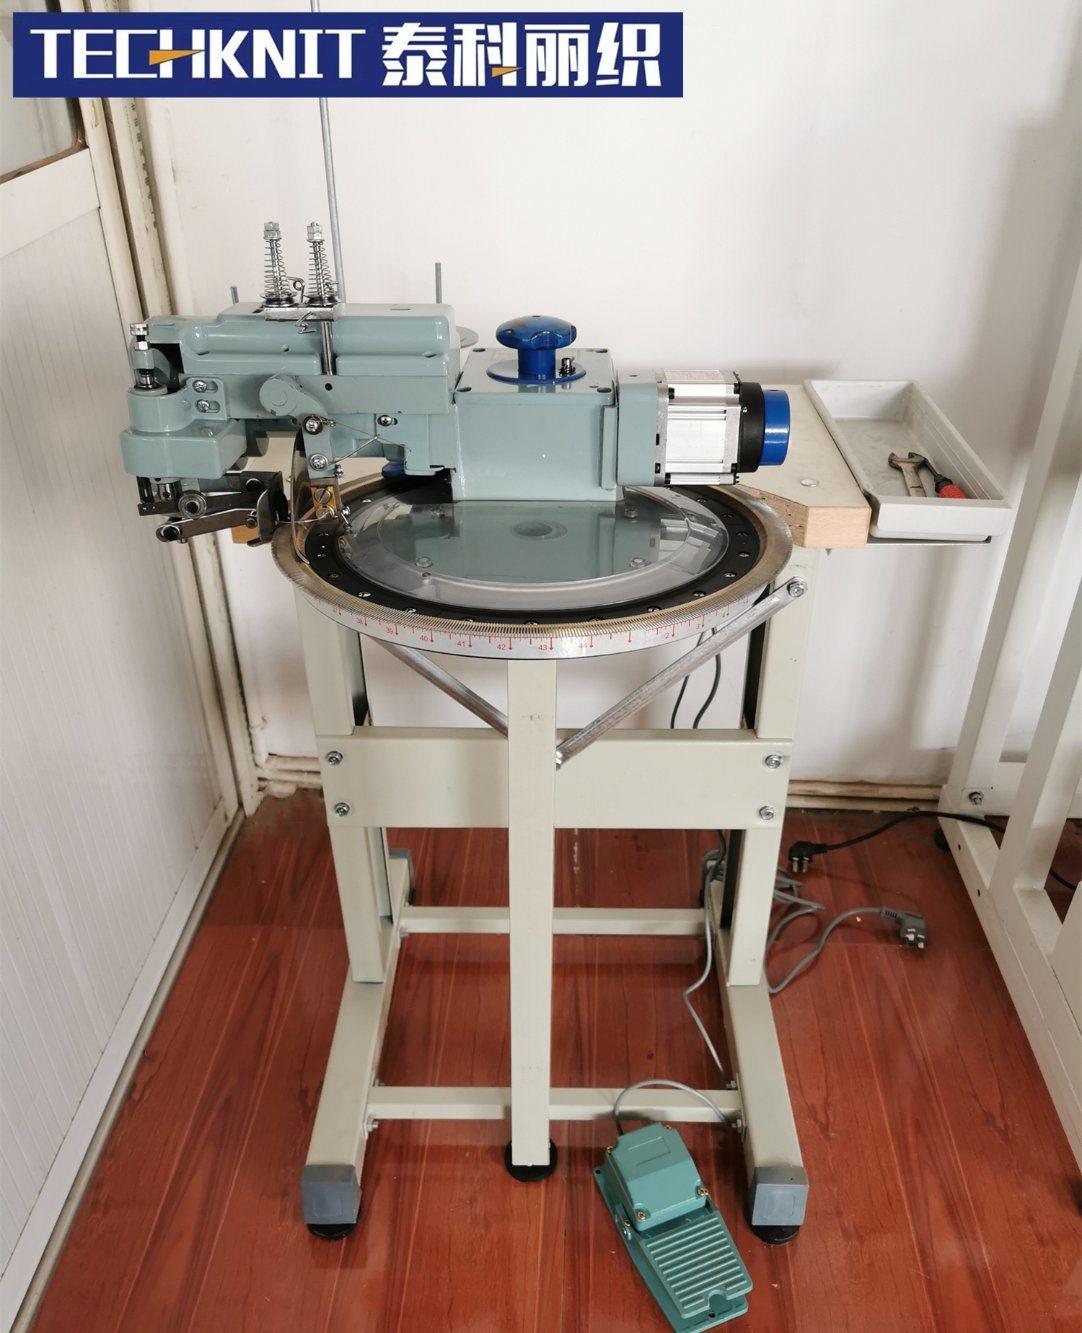 高速編むファブリックステッチ機械